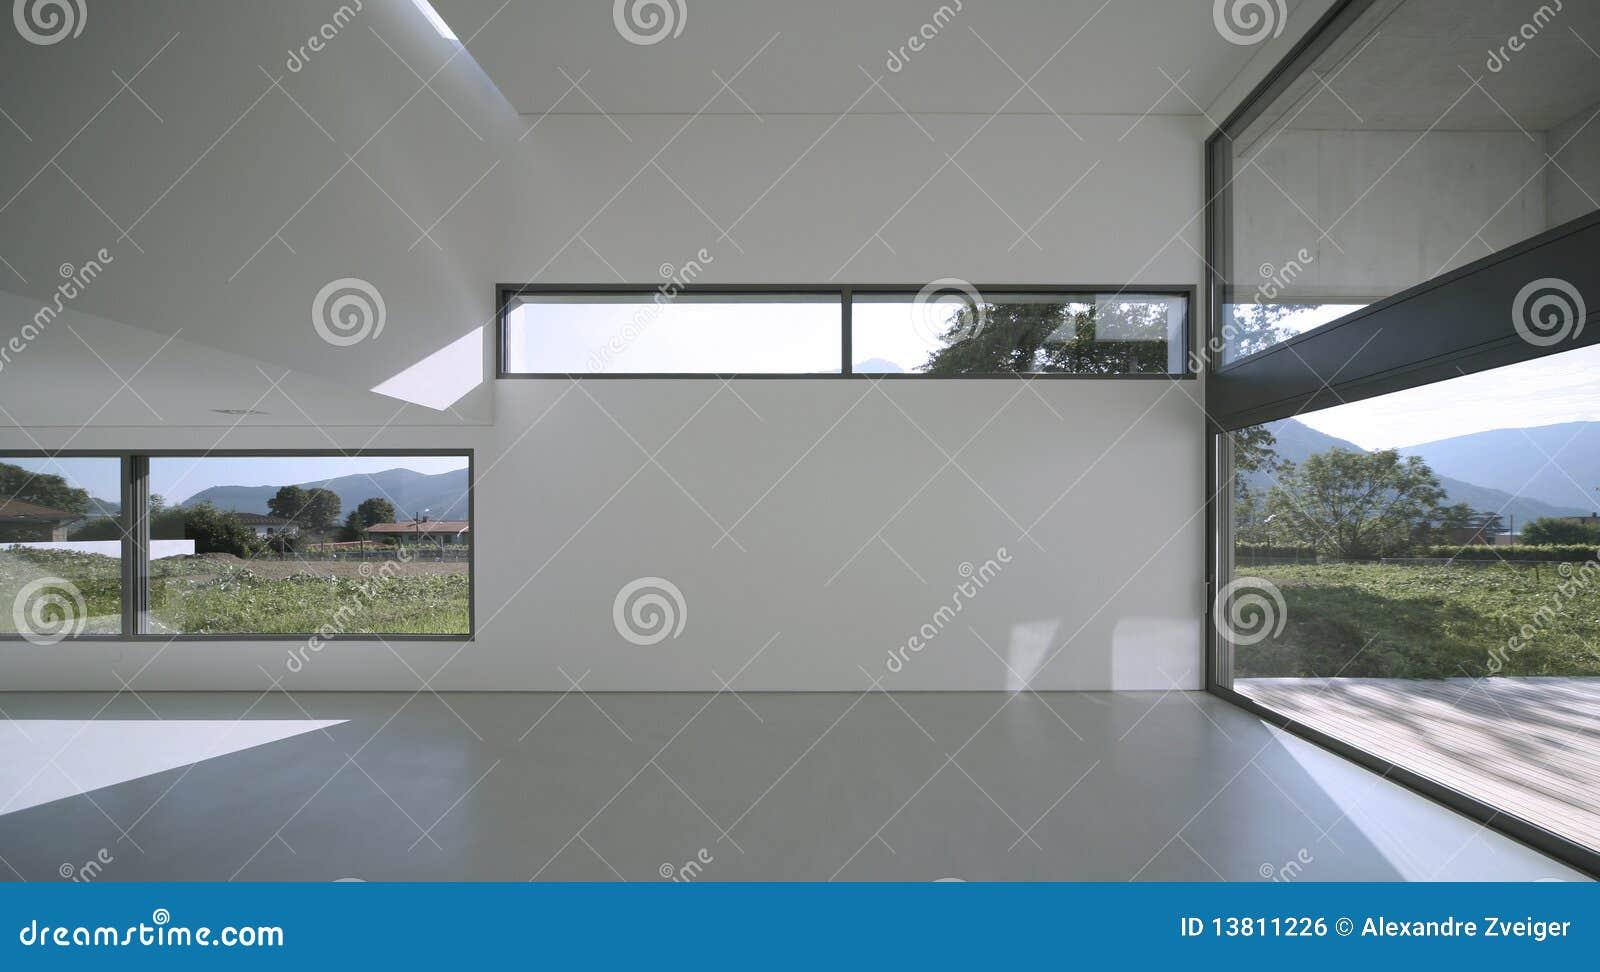 Casa moderna fotografia stock immagine di stanza grande for Casa moderna vector